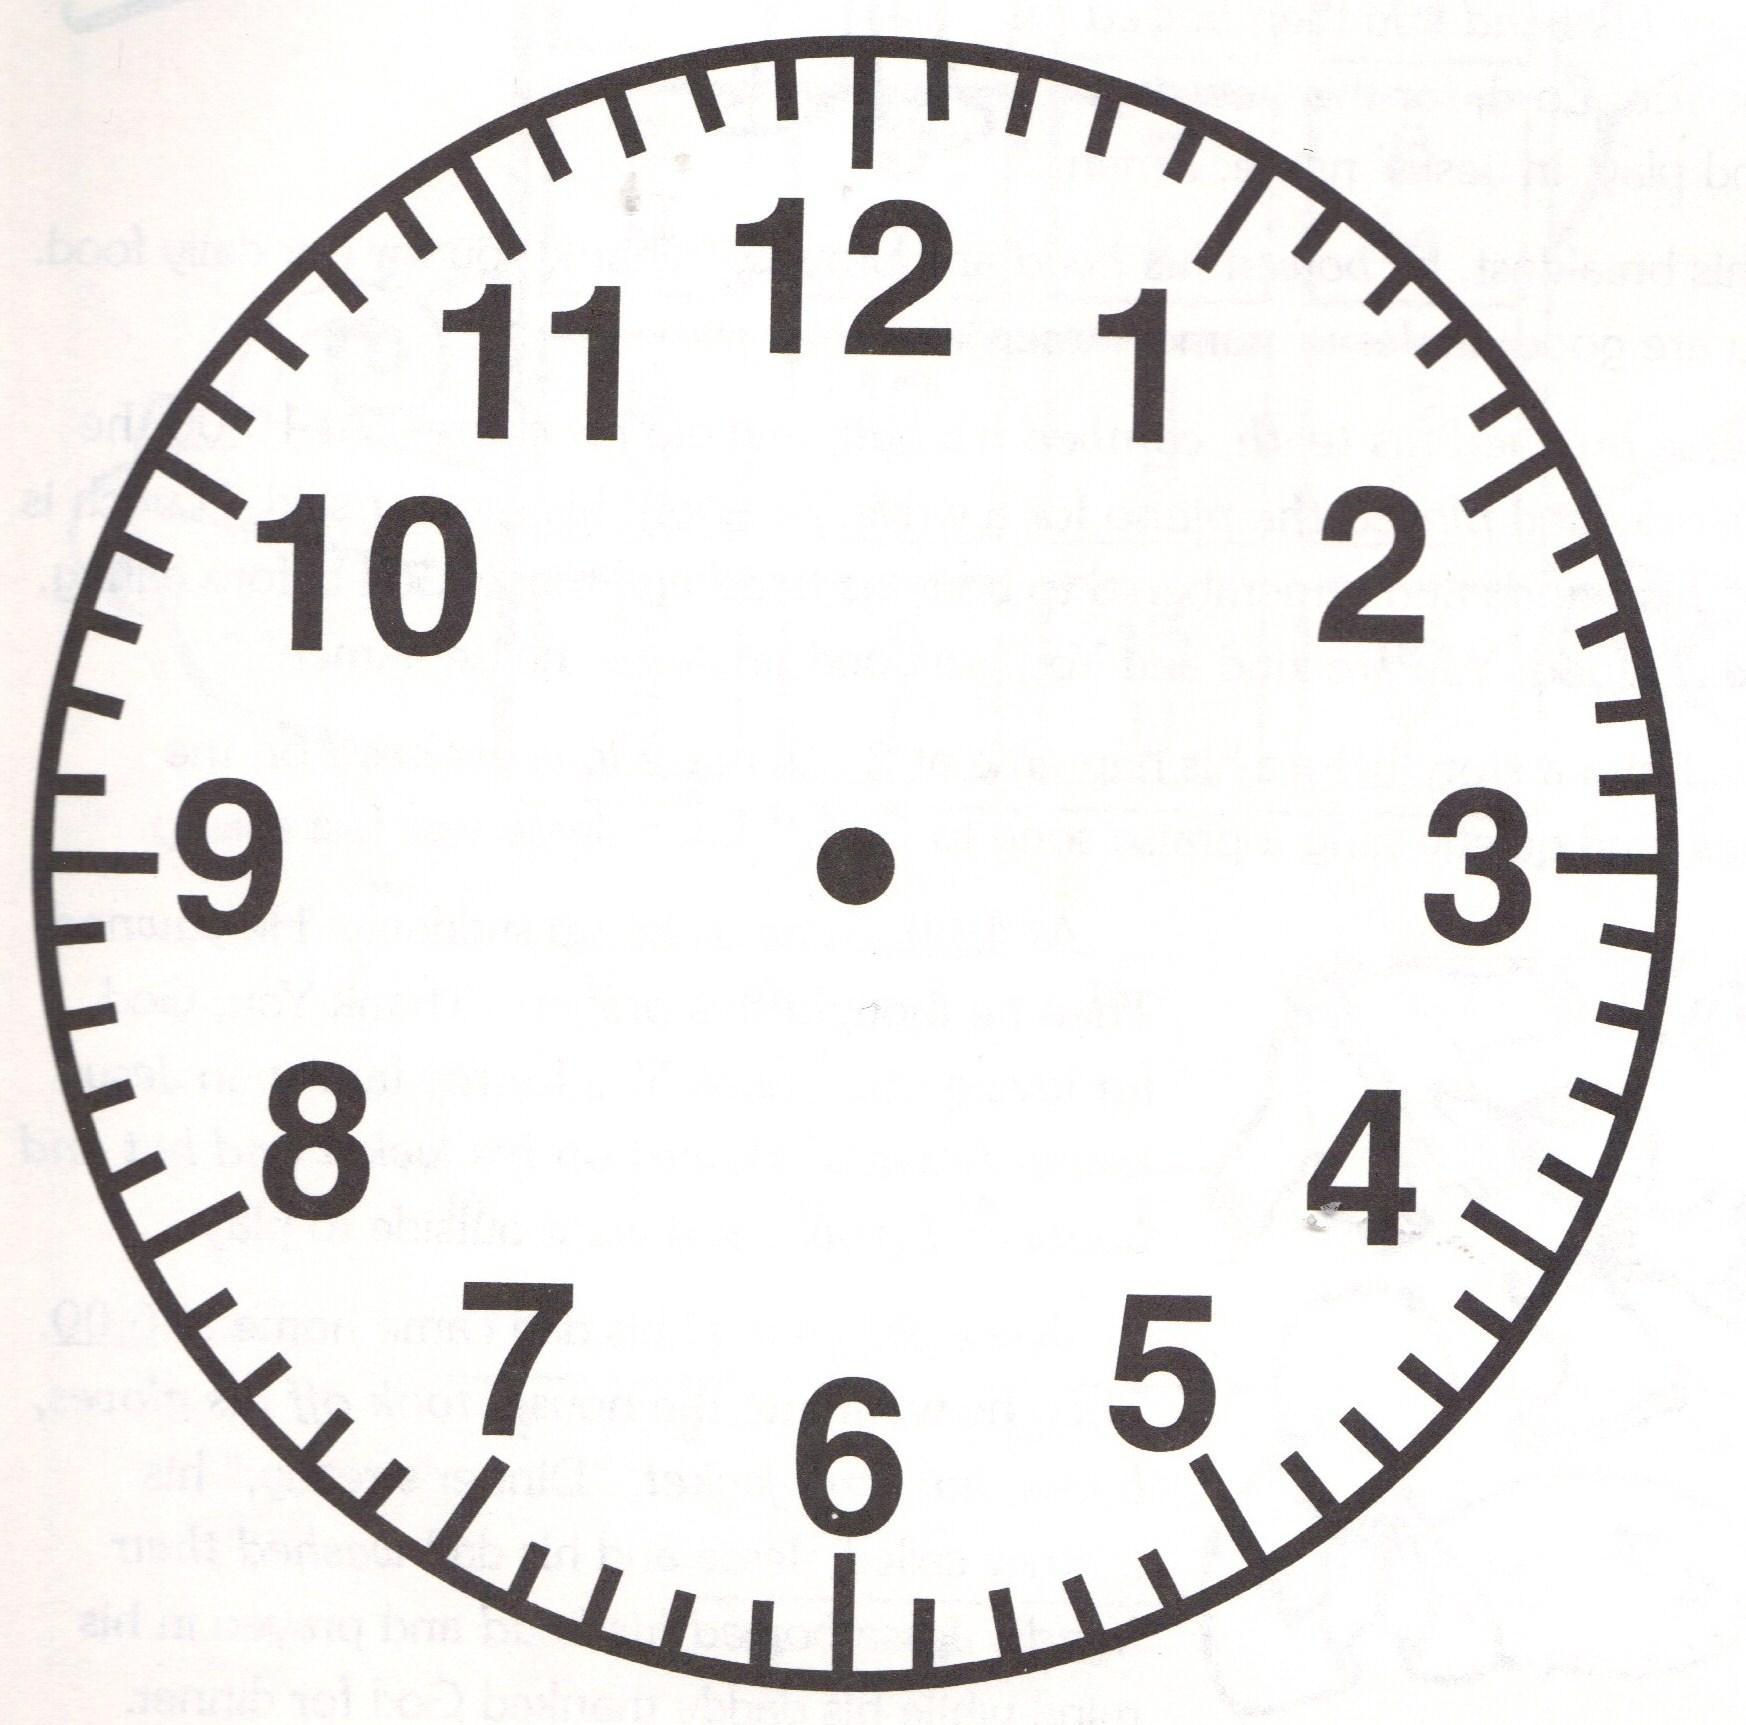 worksheet Face Of A Clock face of a clock clipart best blank clip art